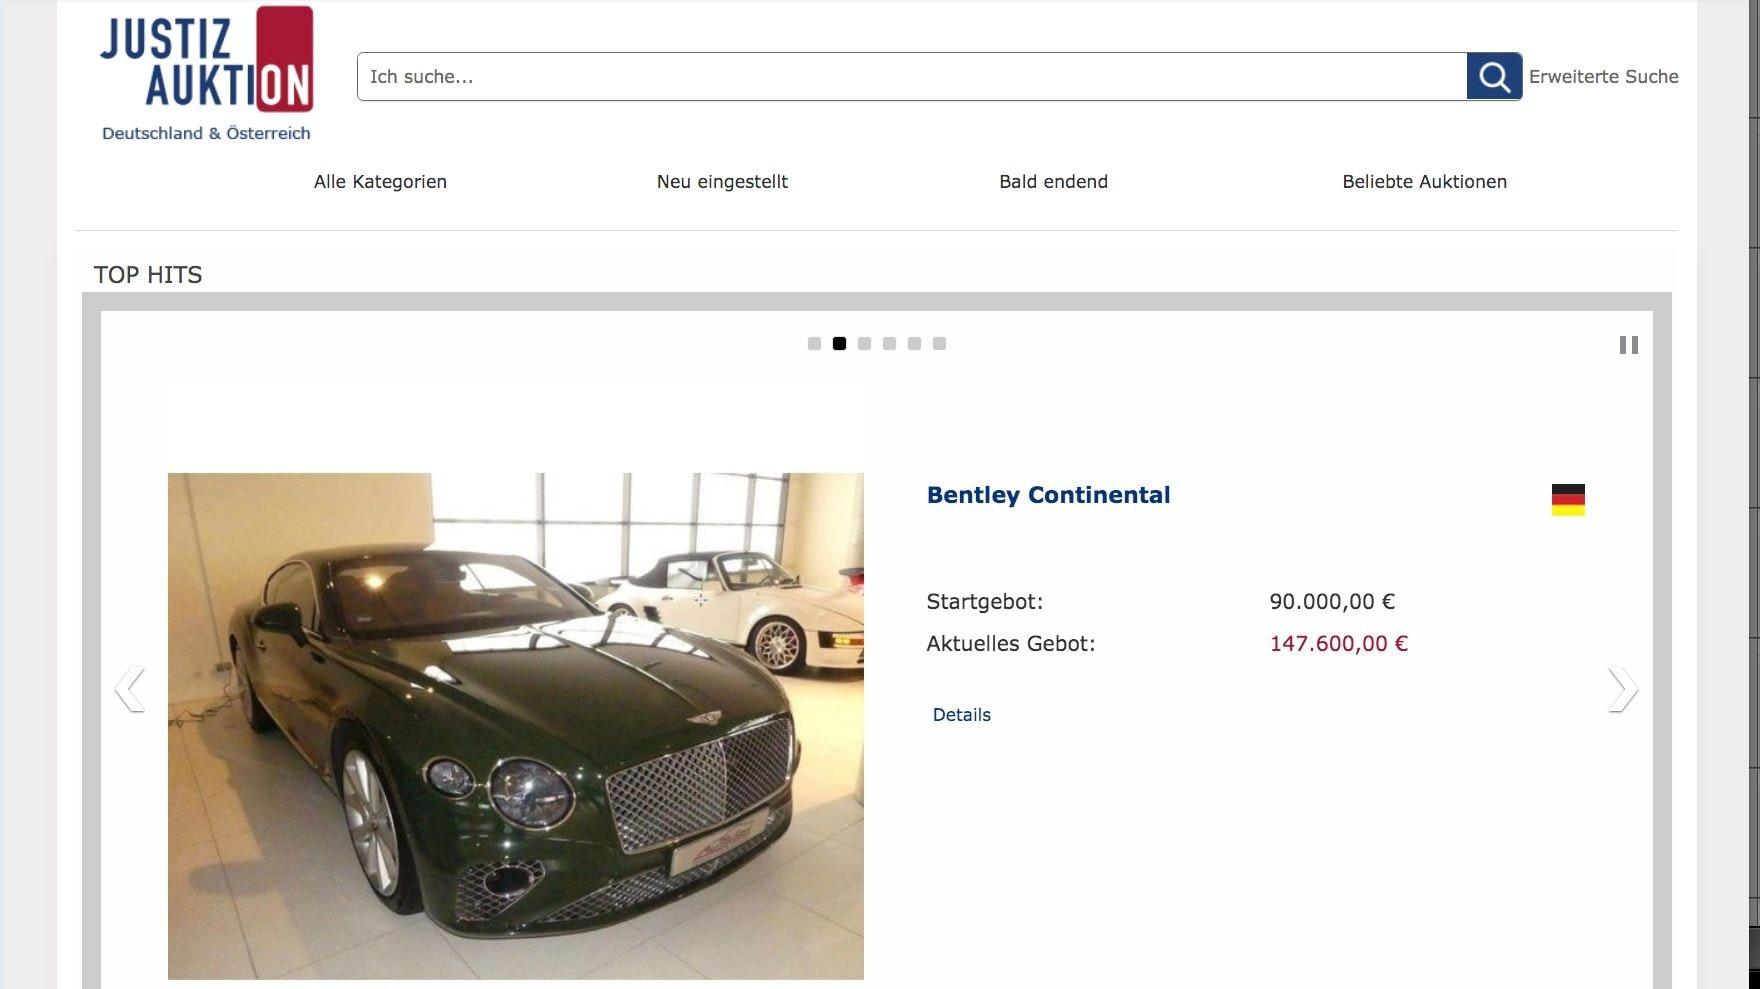 Mindestwert schnell überstiegen: Der grüne Bentley Continental kletterte schnell von 90.000 auf 147.600 Euro am Freitagvormittag. Foto: M. Niehues